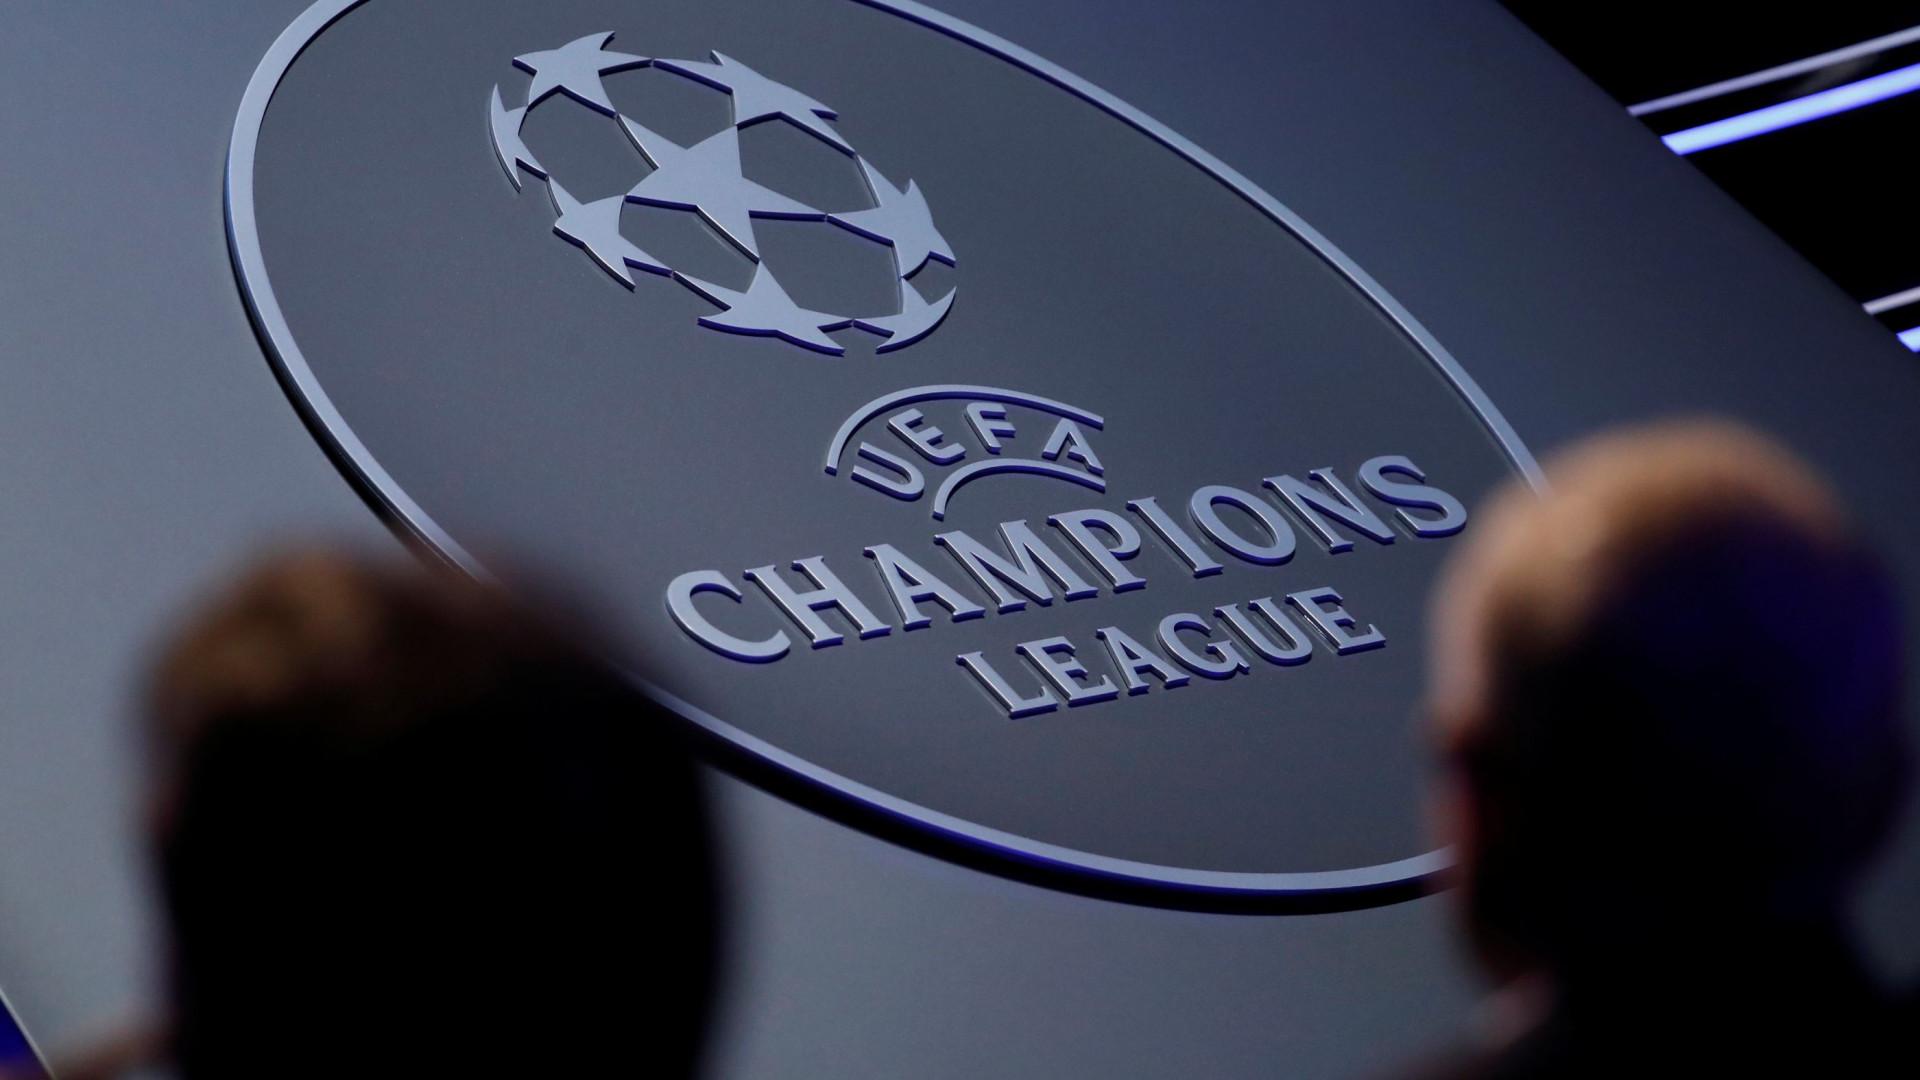 Campeões liga dos